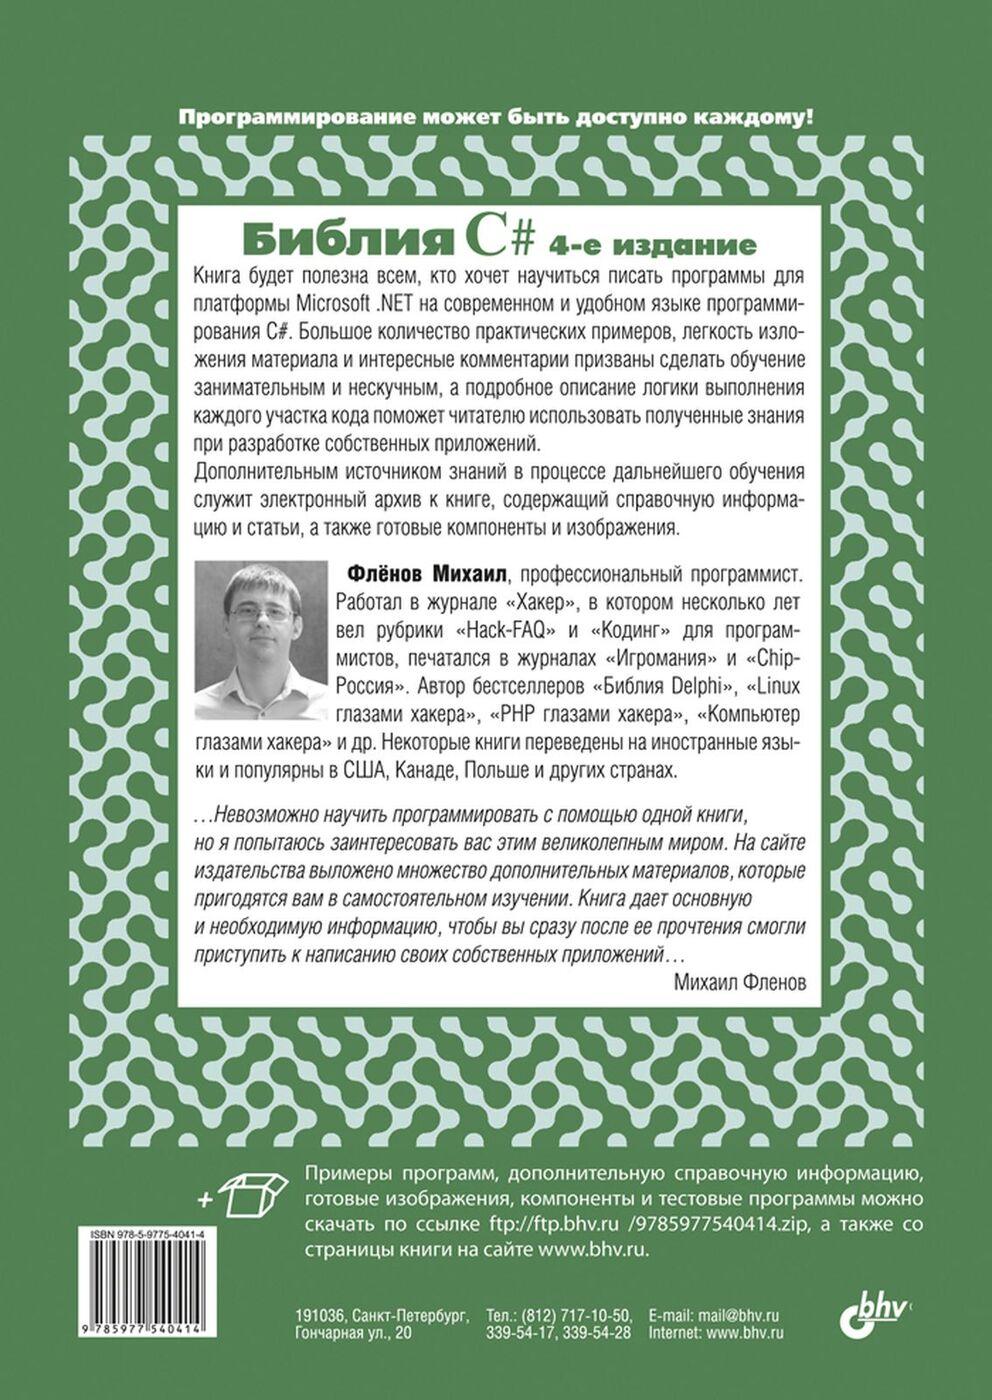 Михаил Фленов. Библия C#. 4-е издание